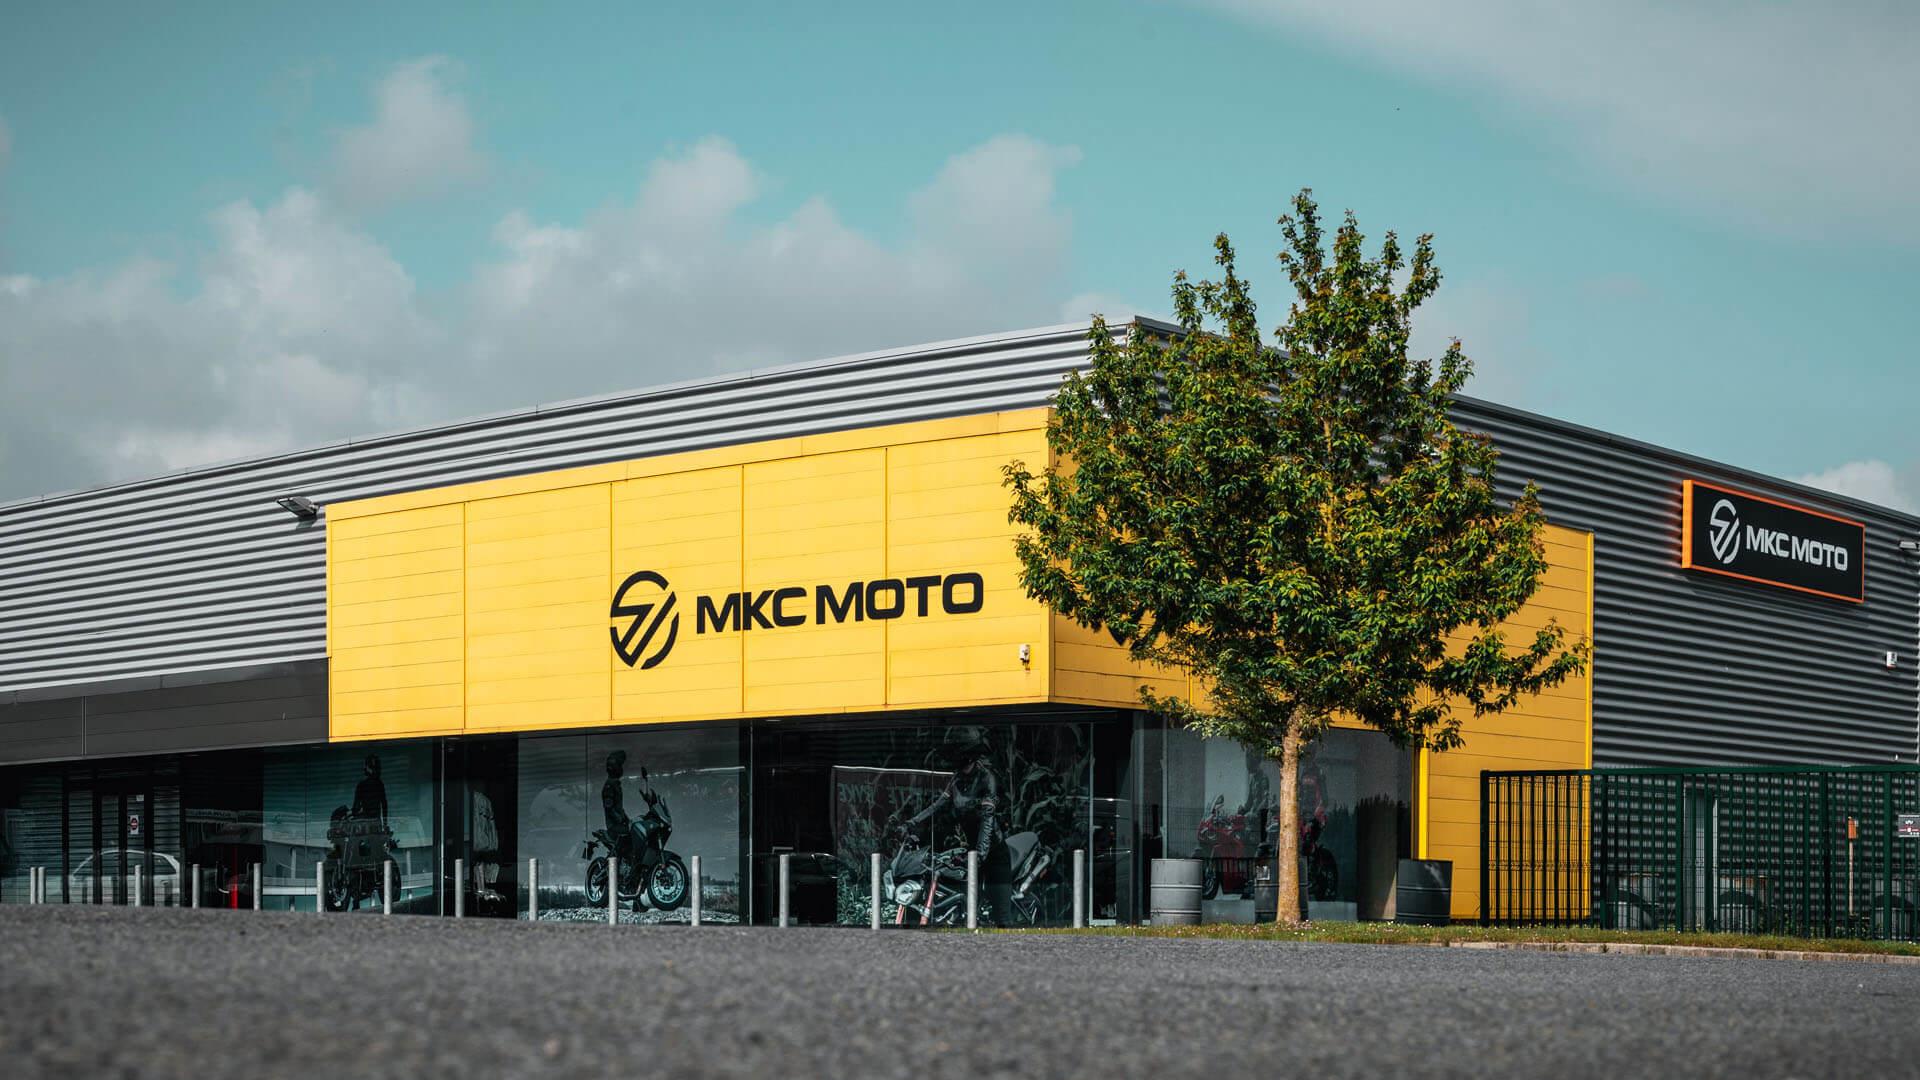 Nog een impressie van MKC Moto Lille store afbeelding nummer 1